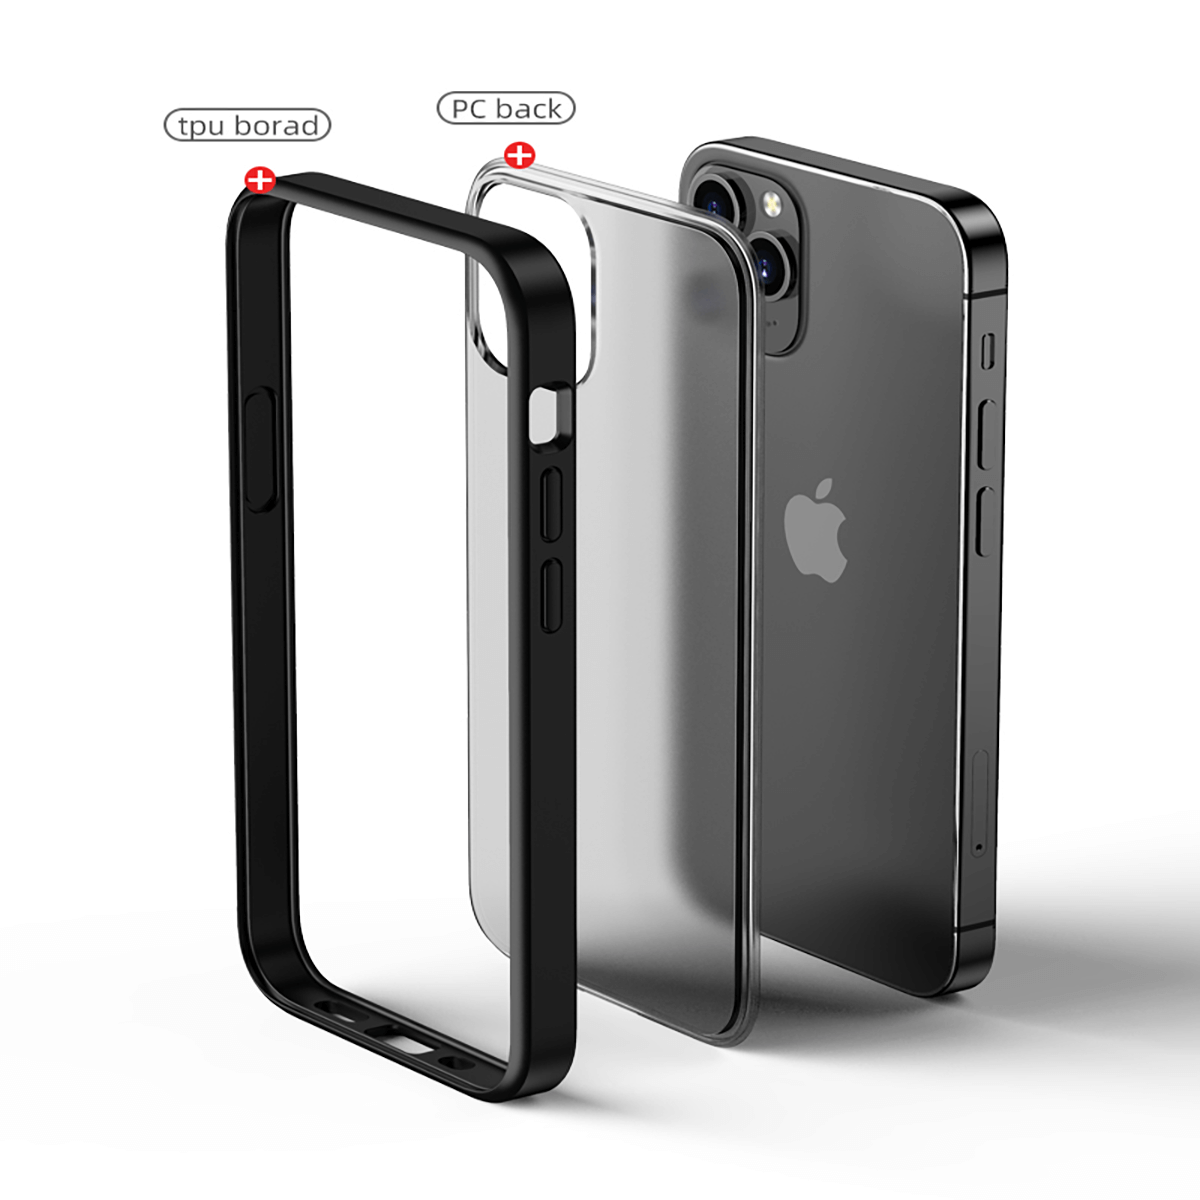 iPhone 12 Pro Max için spada Shadow Siyah kapak